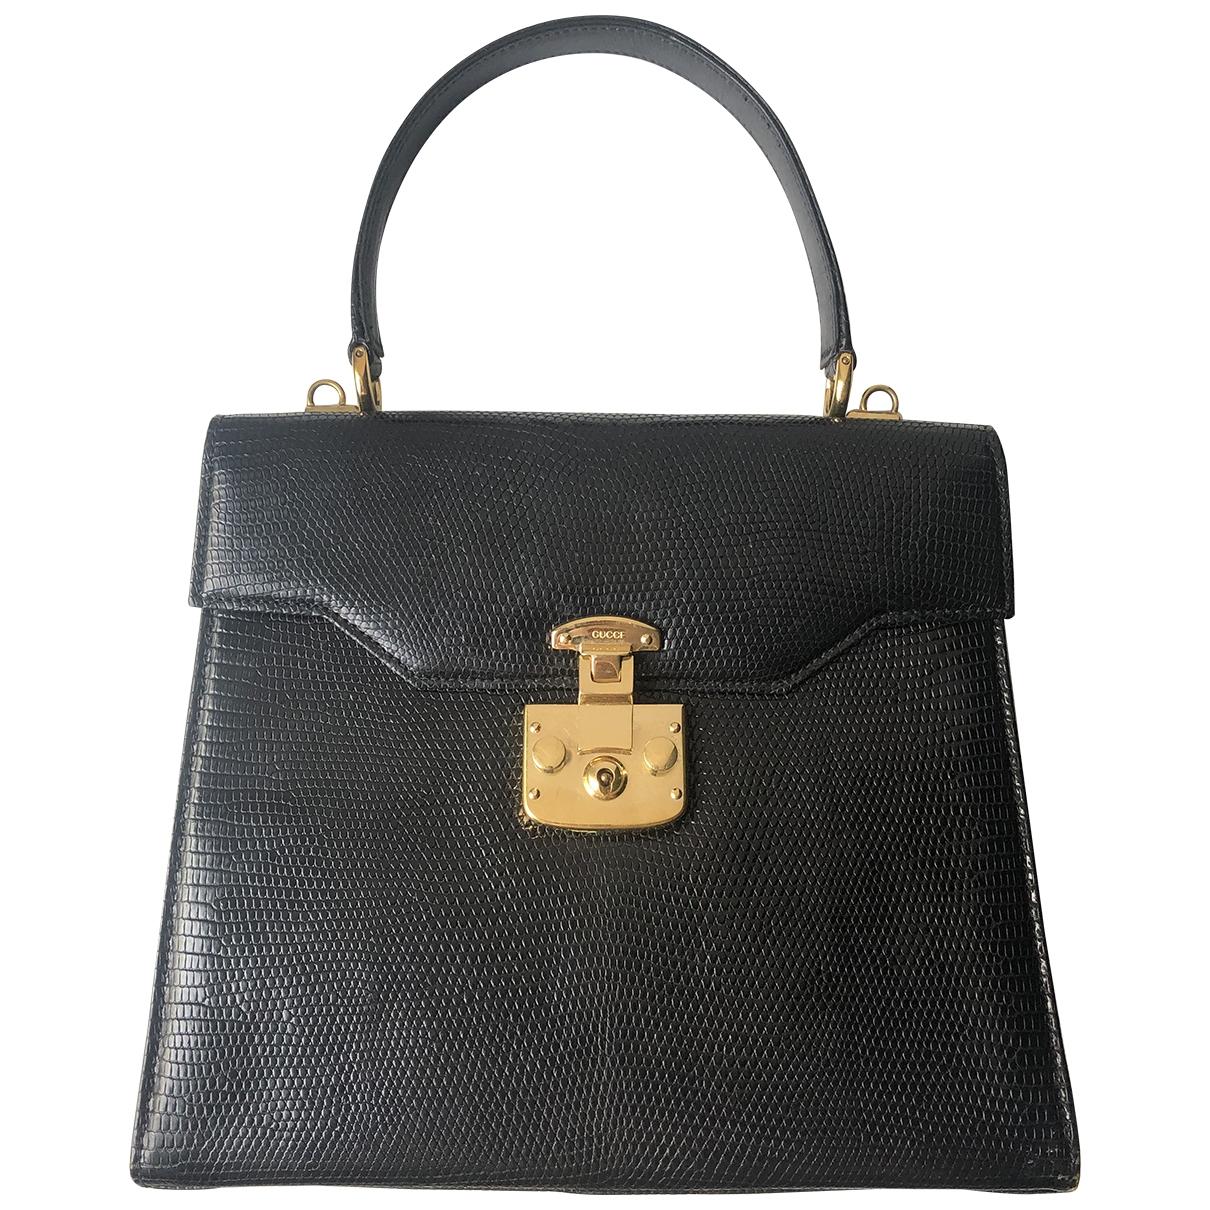 Gucci - Sac a main   pour femme en cuir exotique - noir